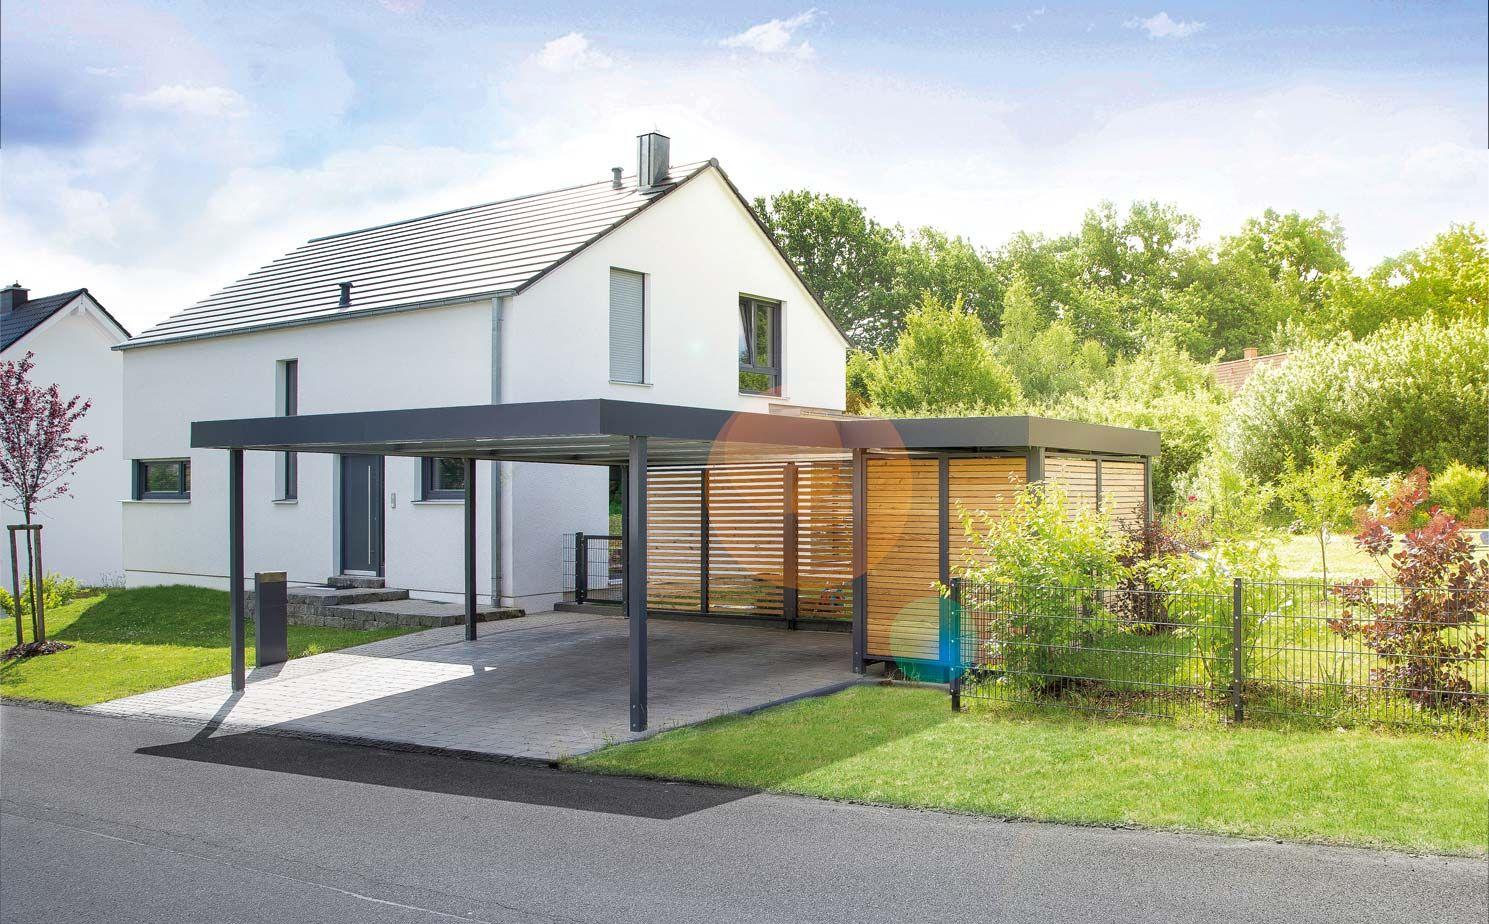 Carport mit gerätehaus von siebau haus bungalow